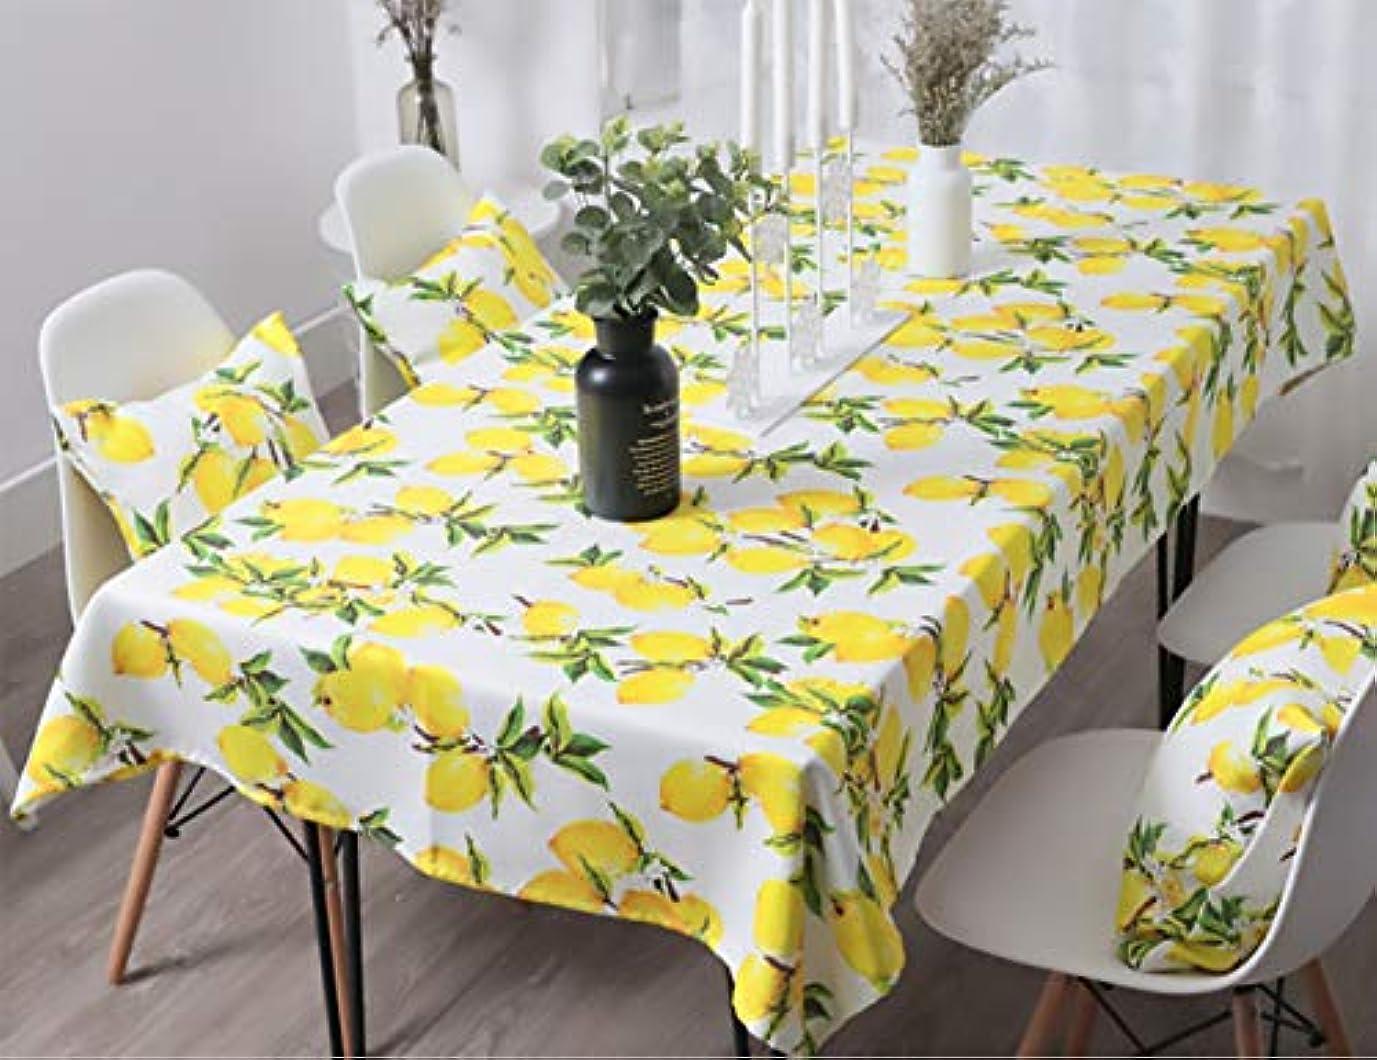 ラグ協力機構zhbotaolang レストラン ホーム ダイニング テーブル クロス レモン パターン カビプルーフ 防塵 北欧 スタイル 135*180cm イエロー